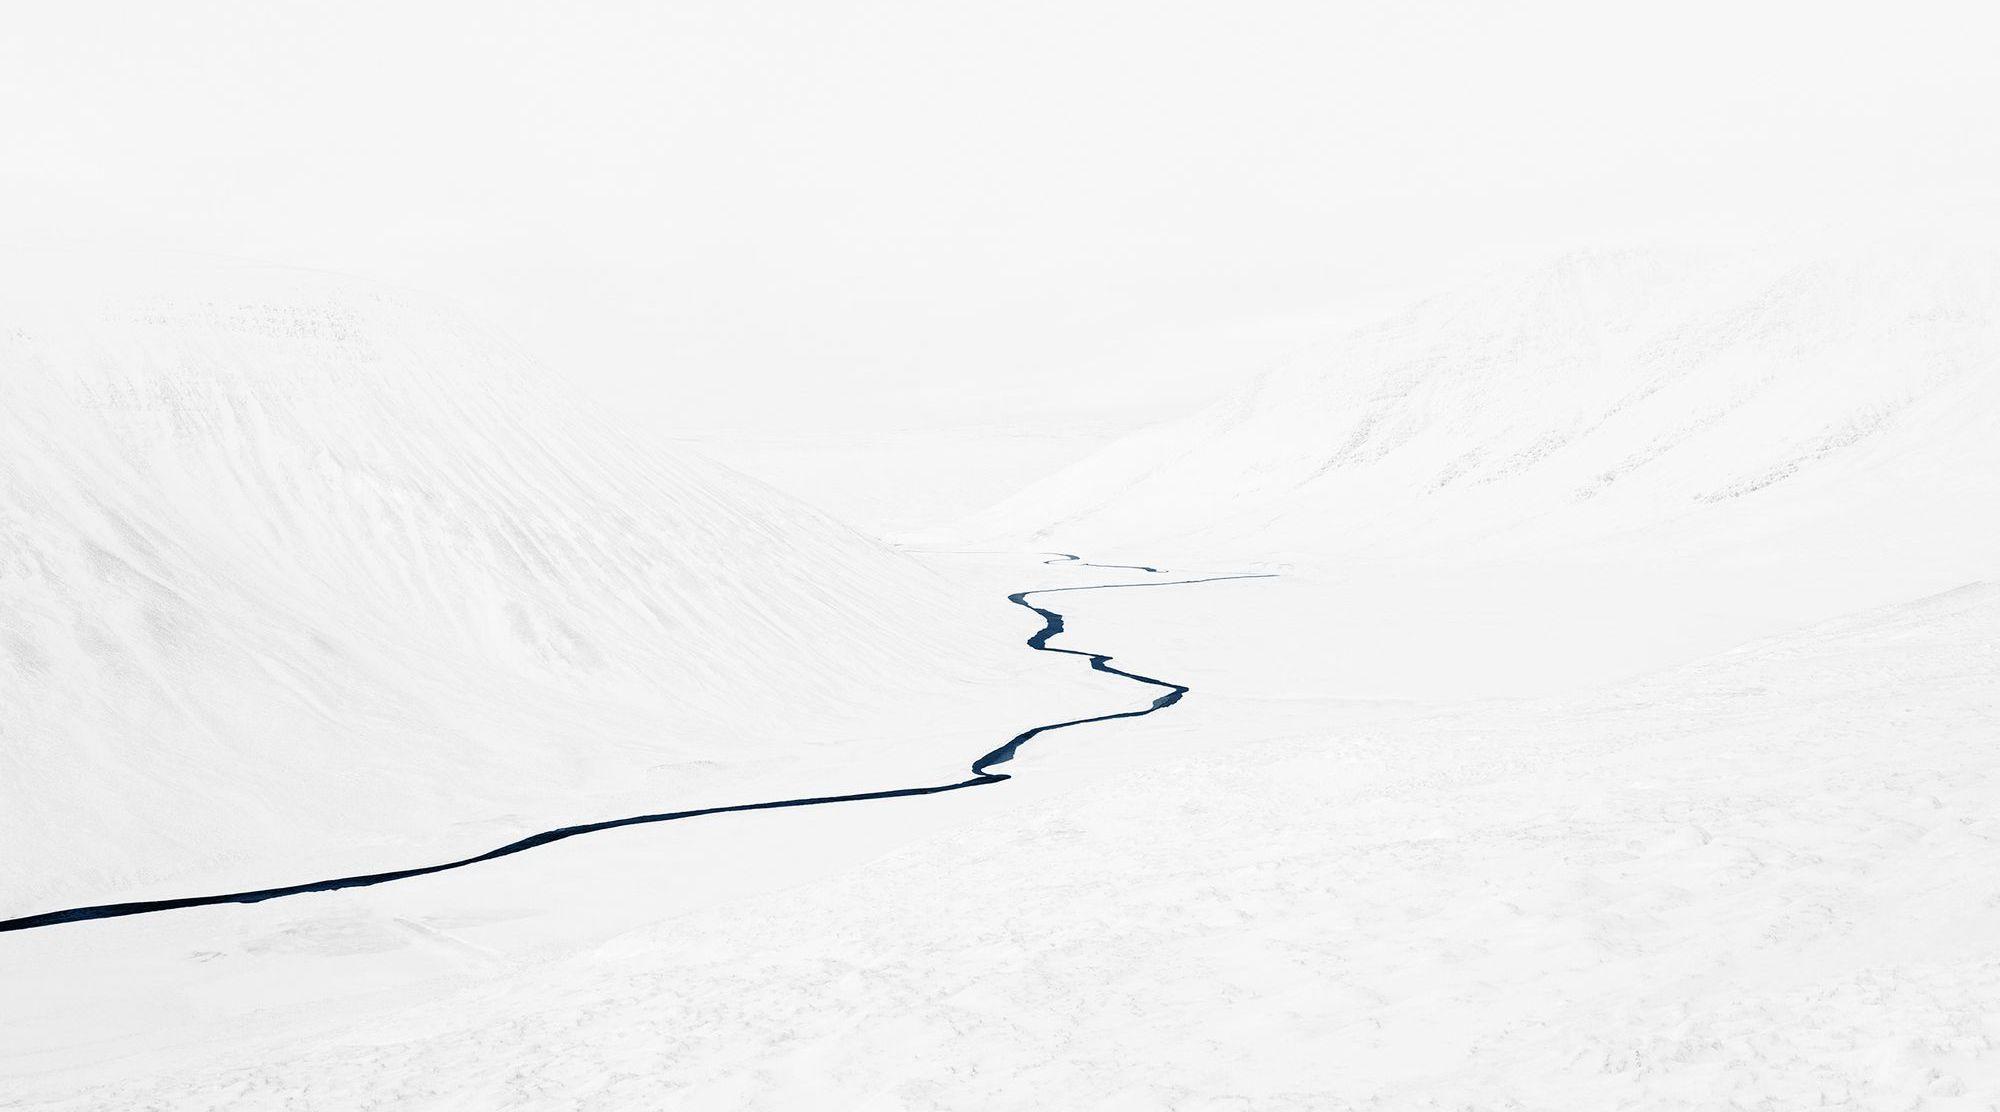 Streams and Glaciers